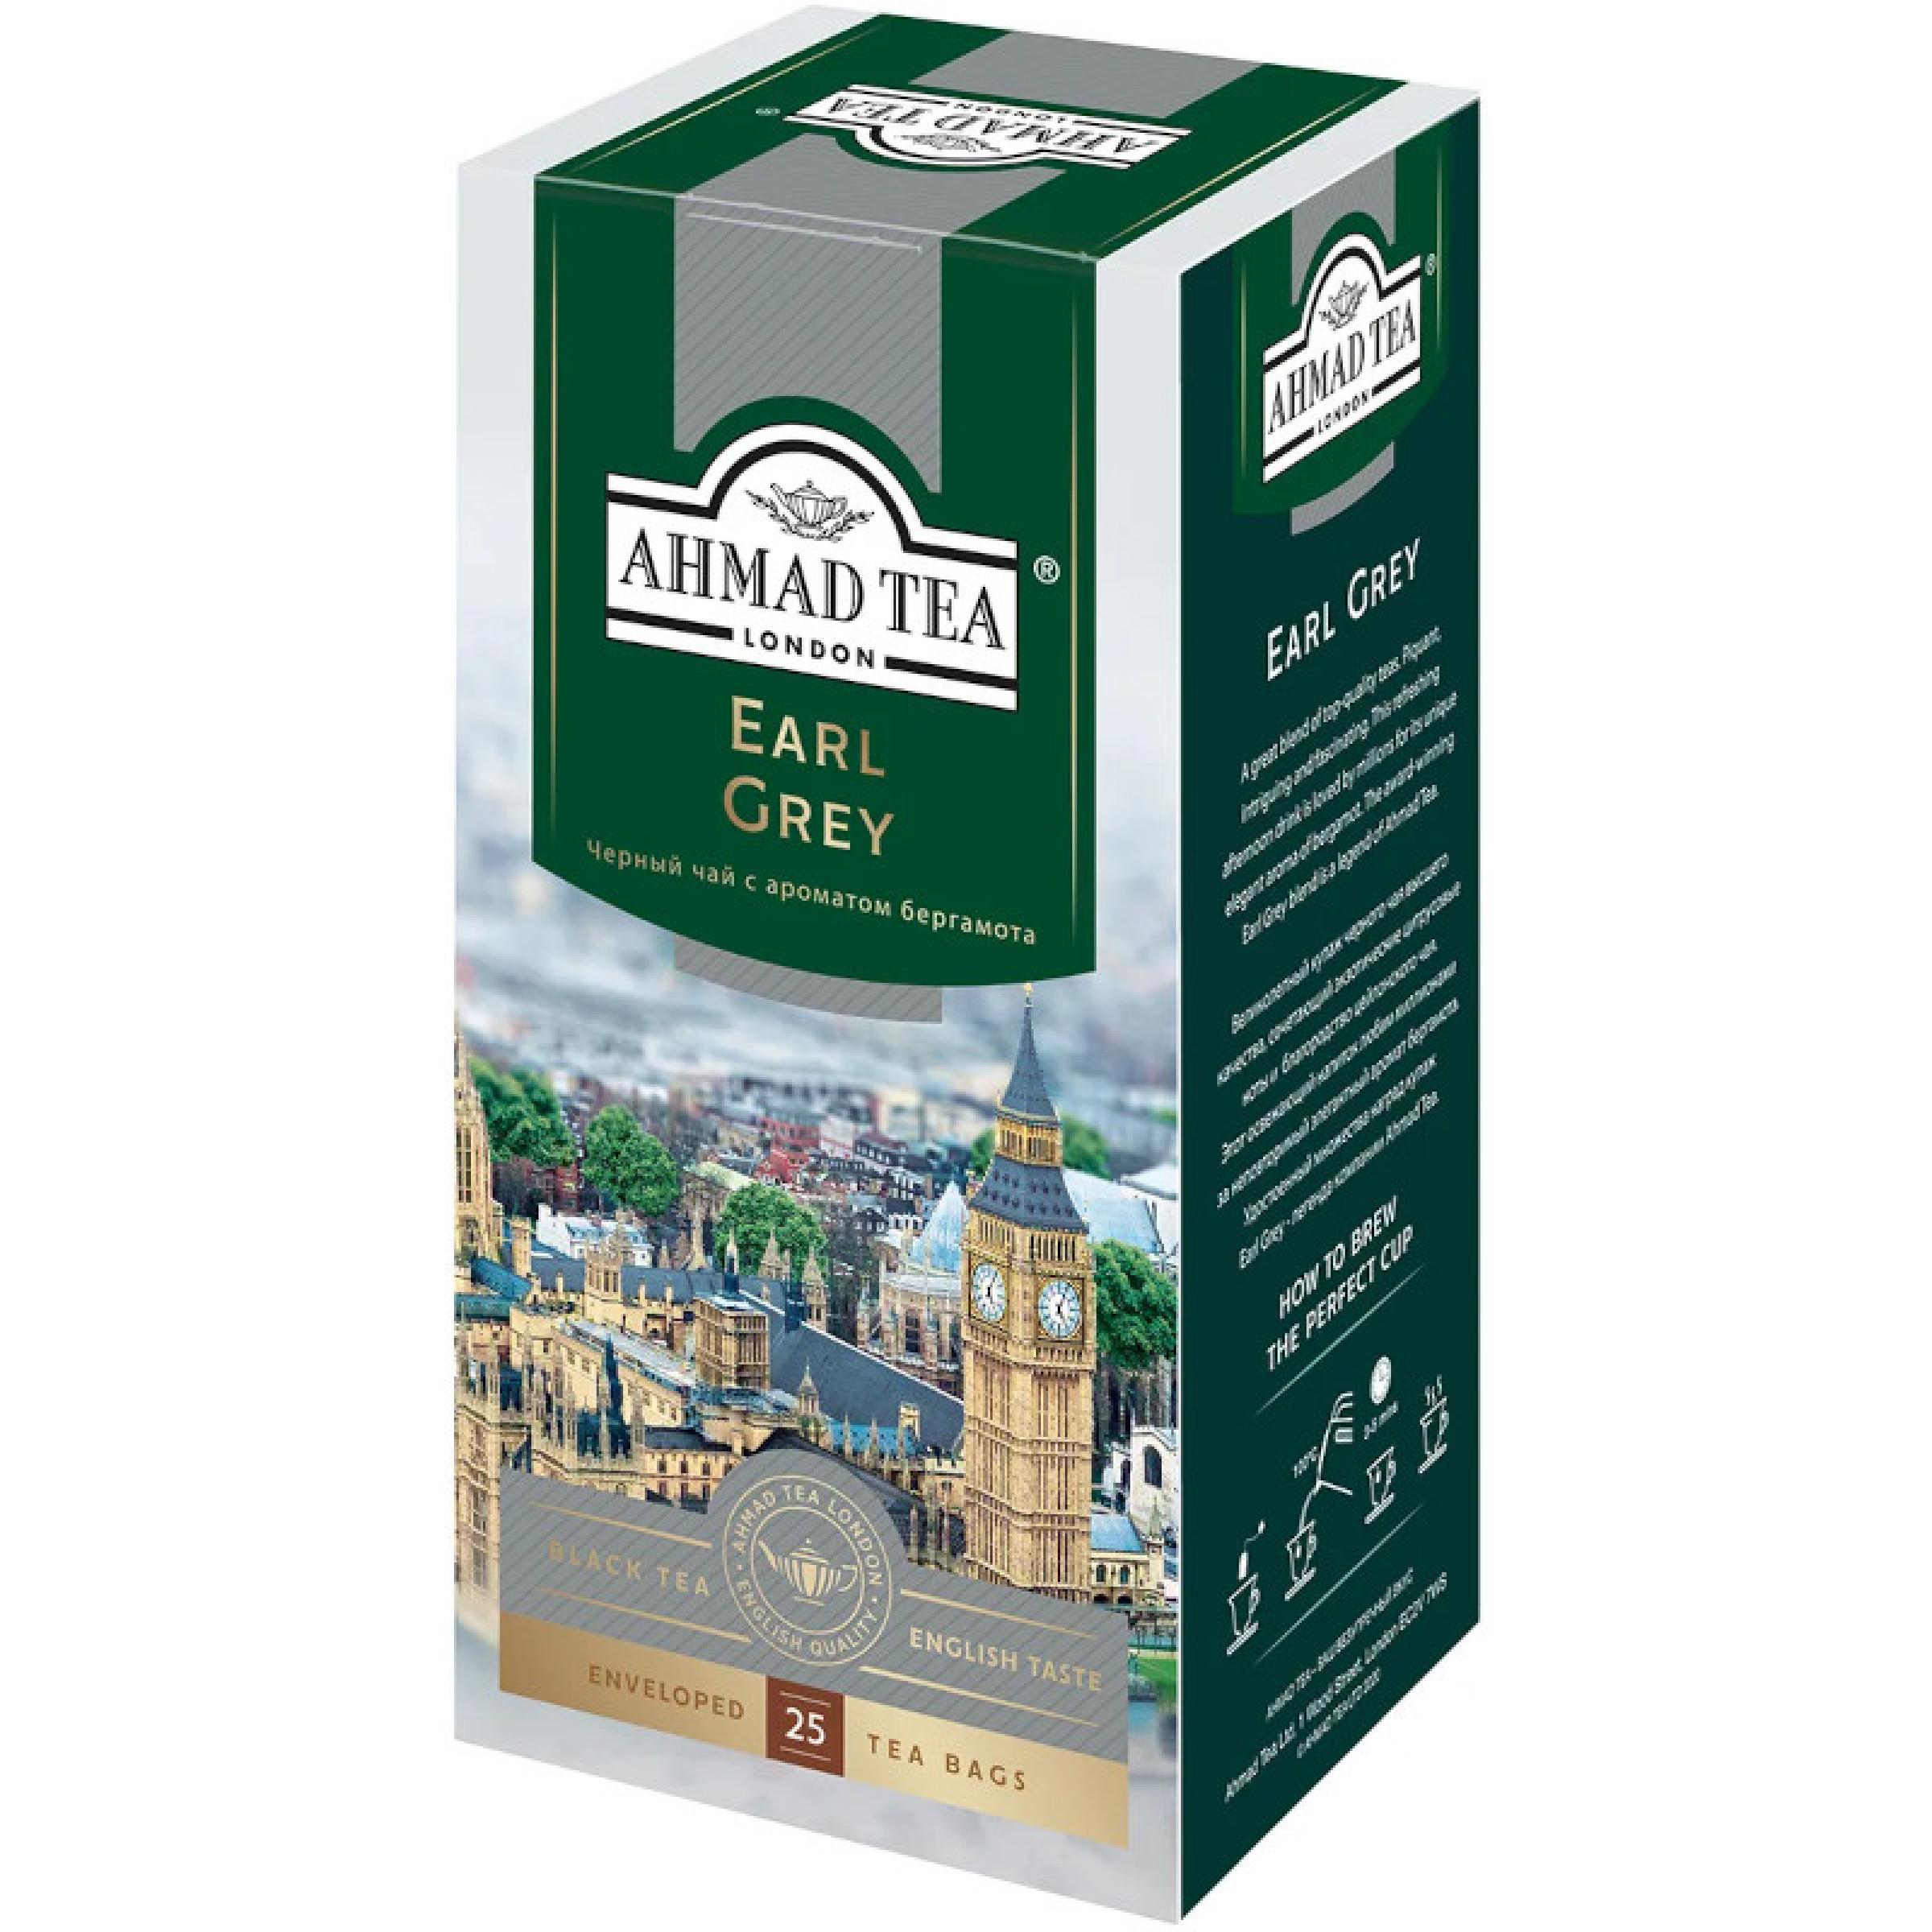 """Чай """"Ahmad Tea"""" Эрл Грей, 25 пакетиков по 2гр"""